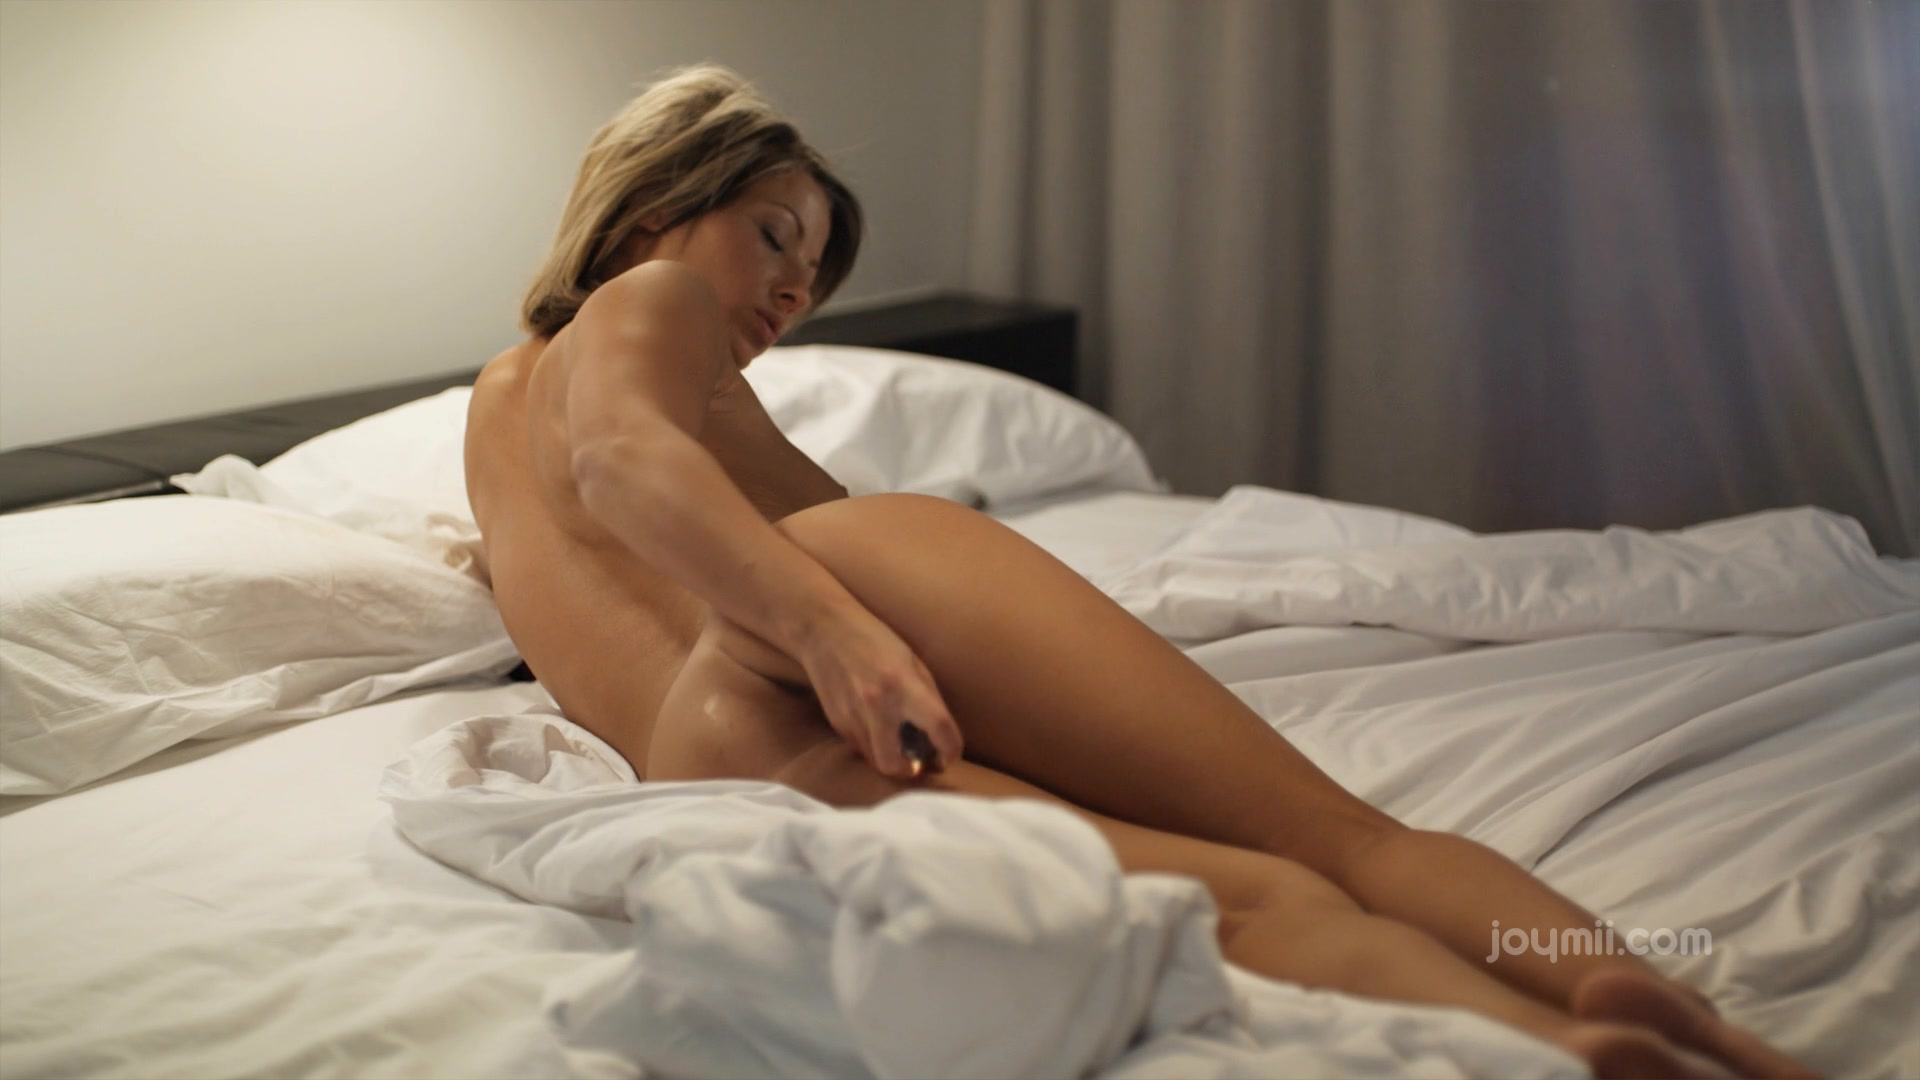 Смотреть порно видео мастурбирует красивая блондинка